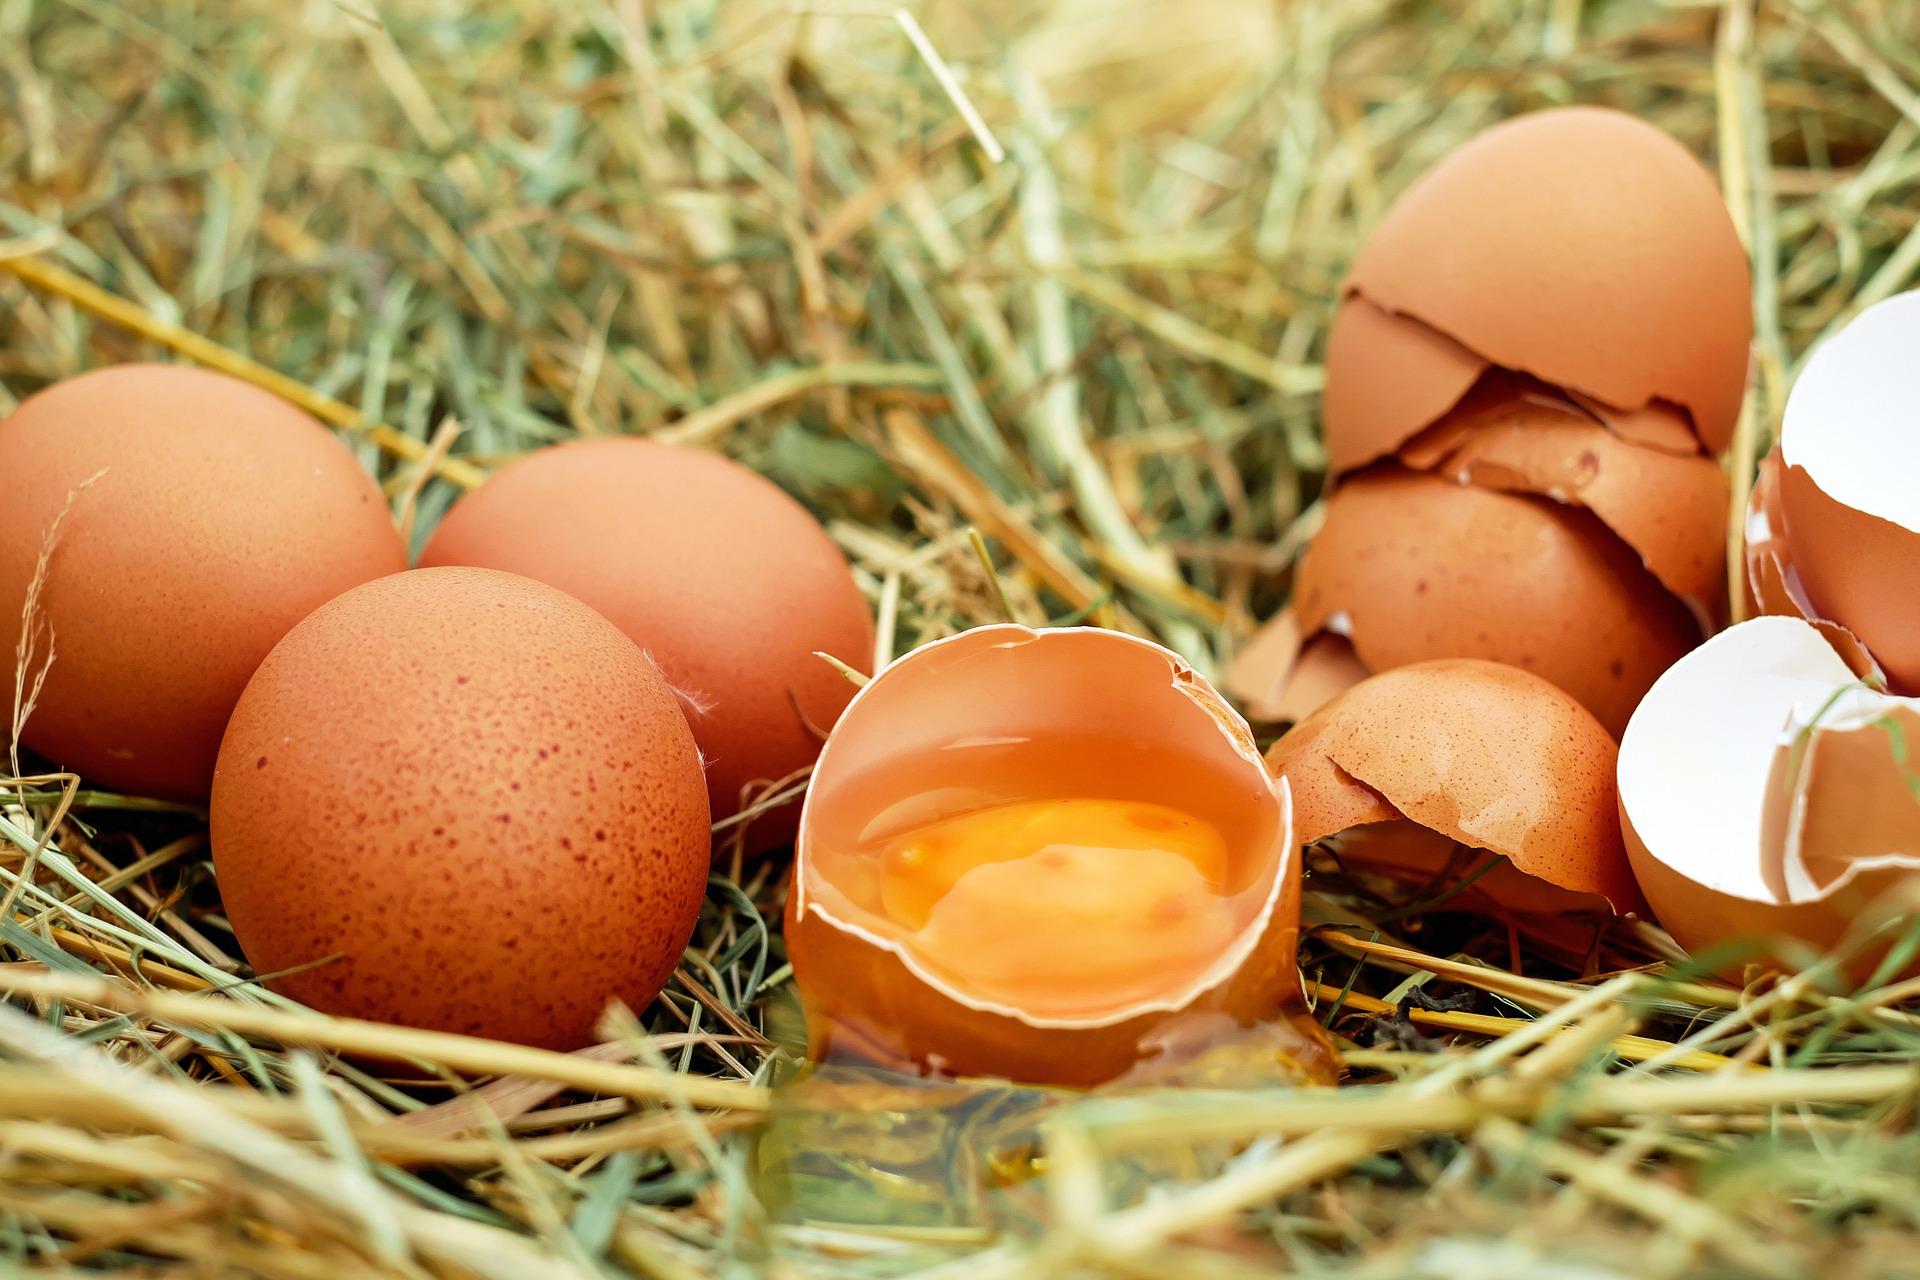 Come pulire le macchie di uovo dalla tovaglia di cotone bianca